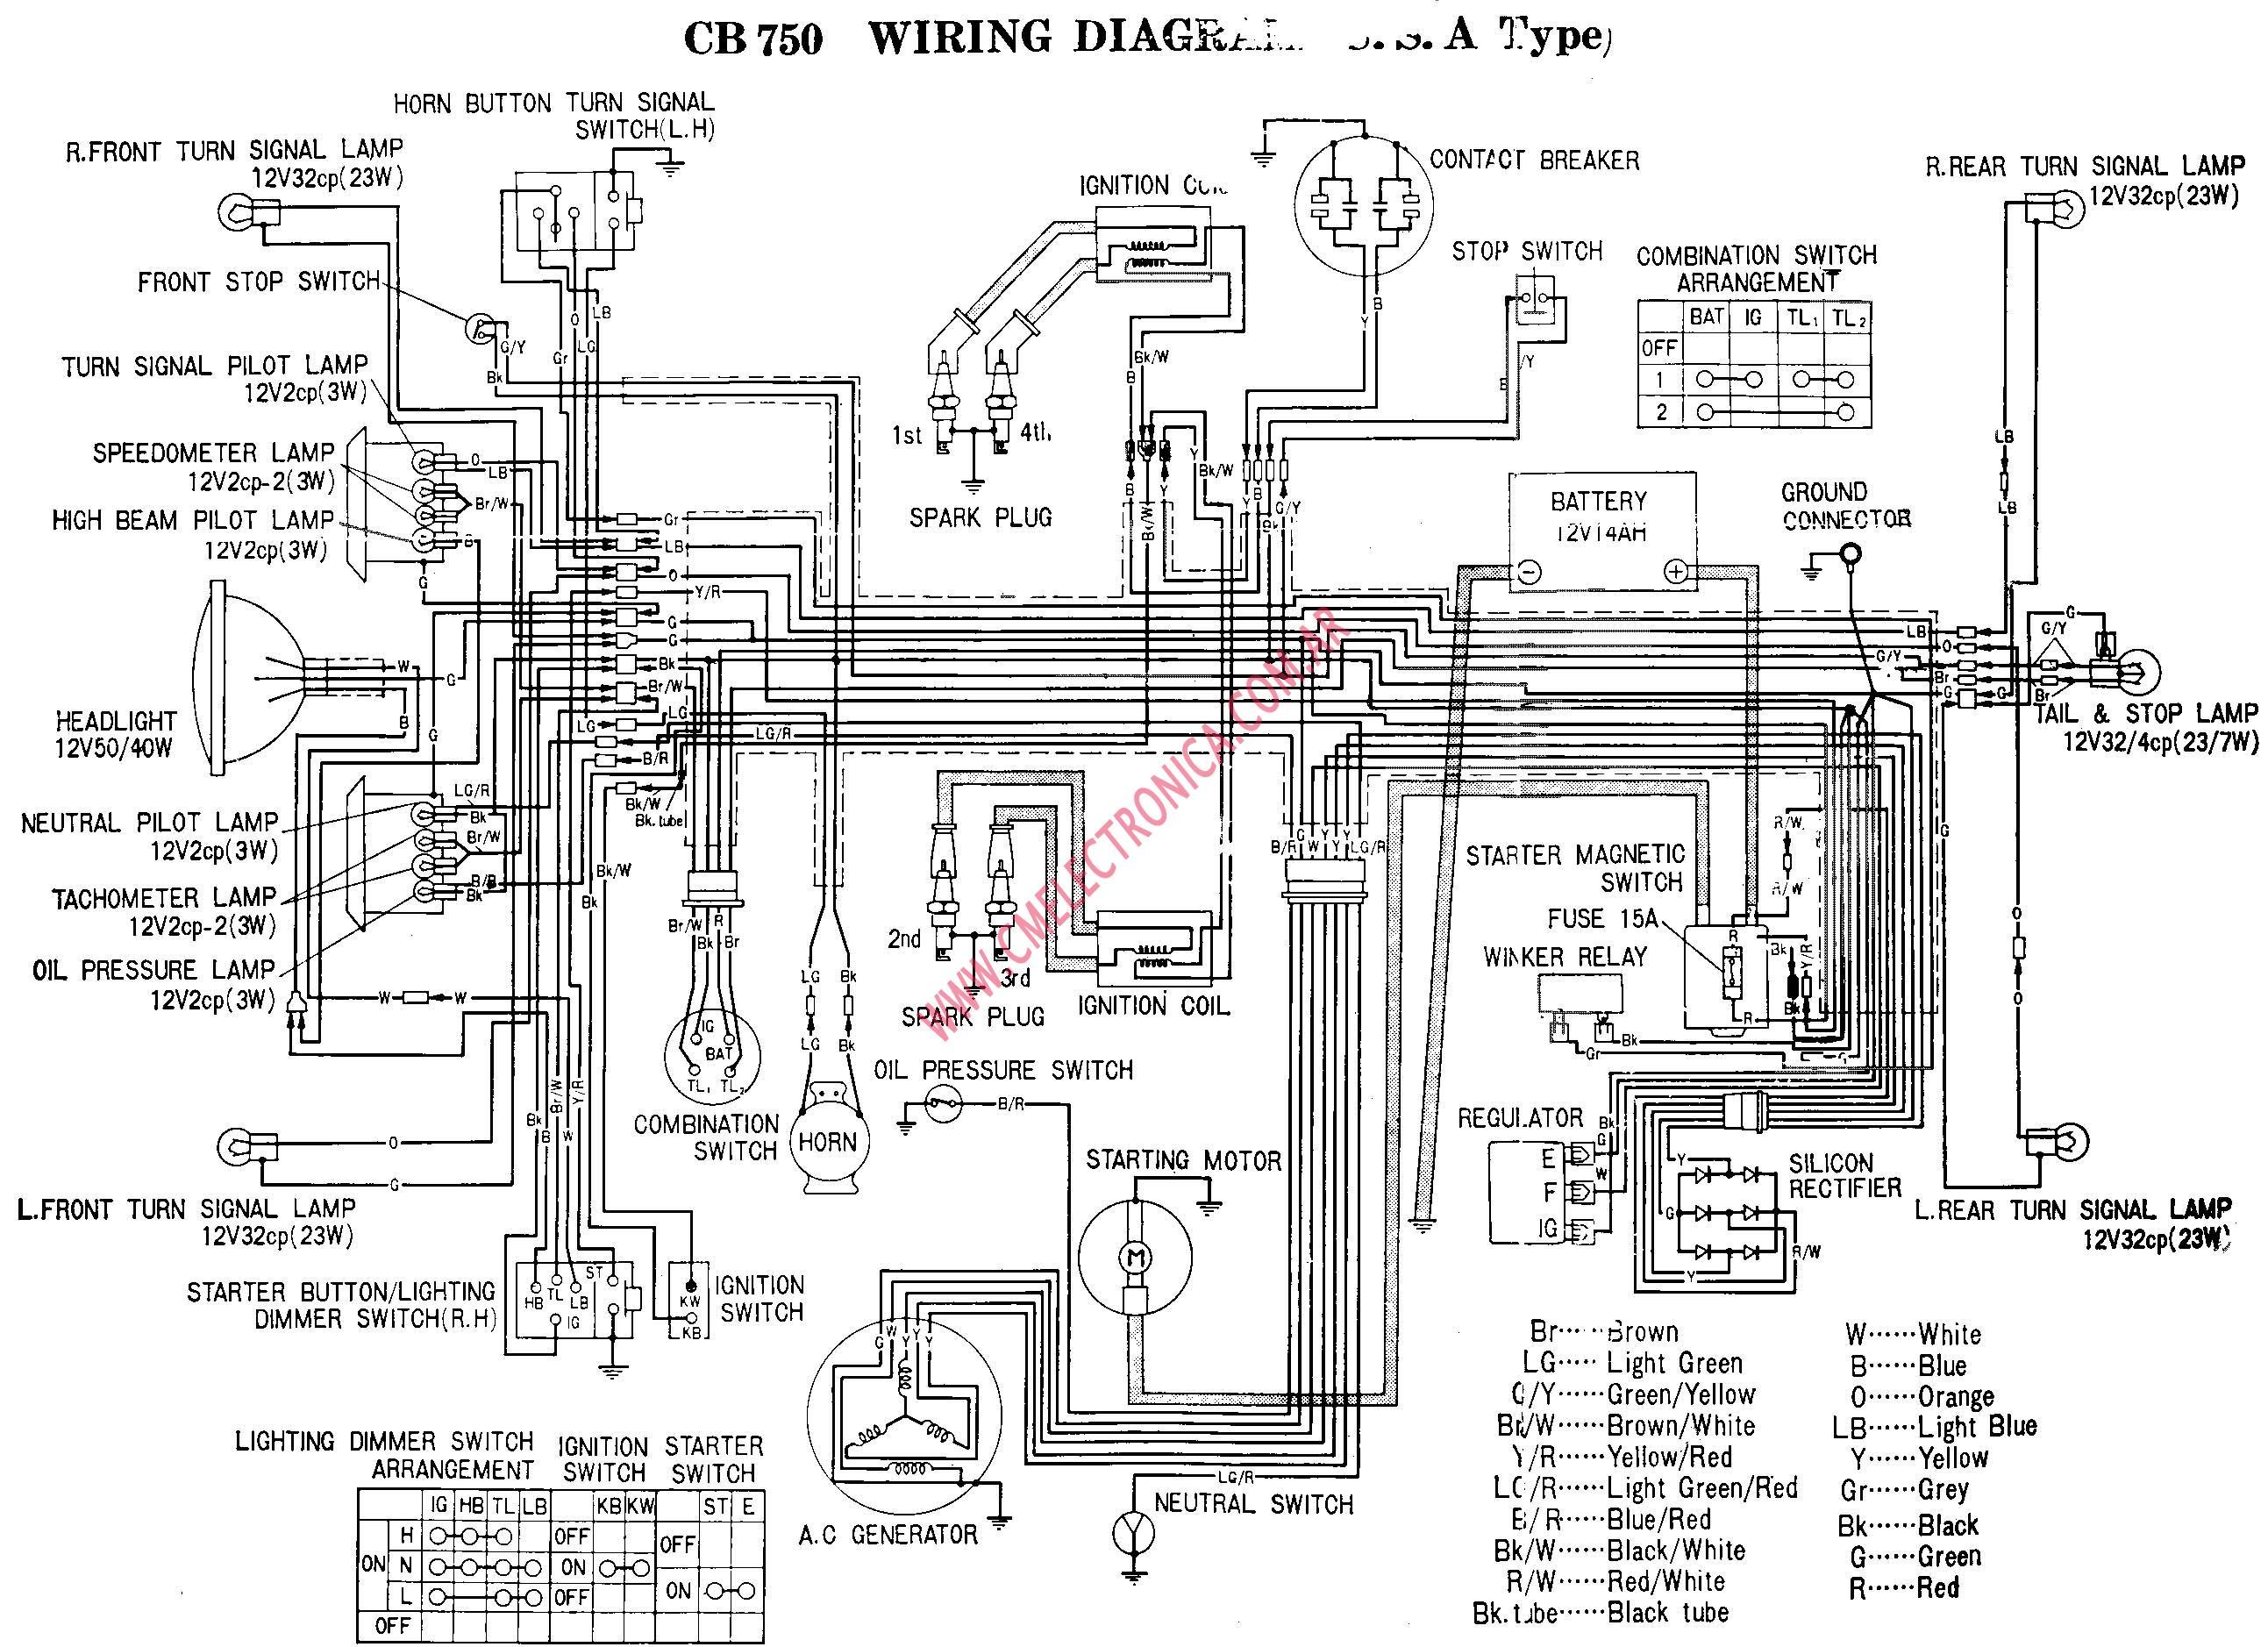 honda cb750k wiring diagram panasonic cq rx100u diagrama cb750 71 k1